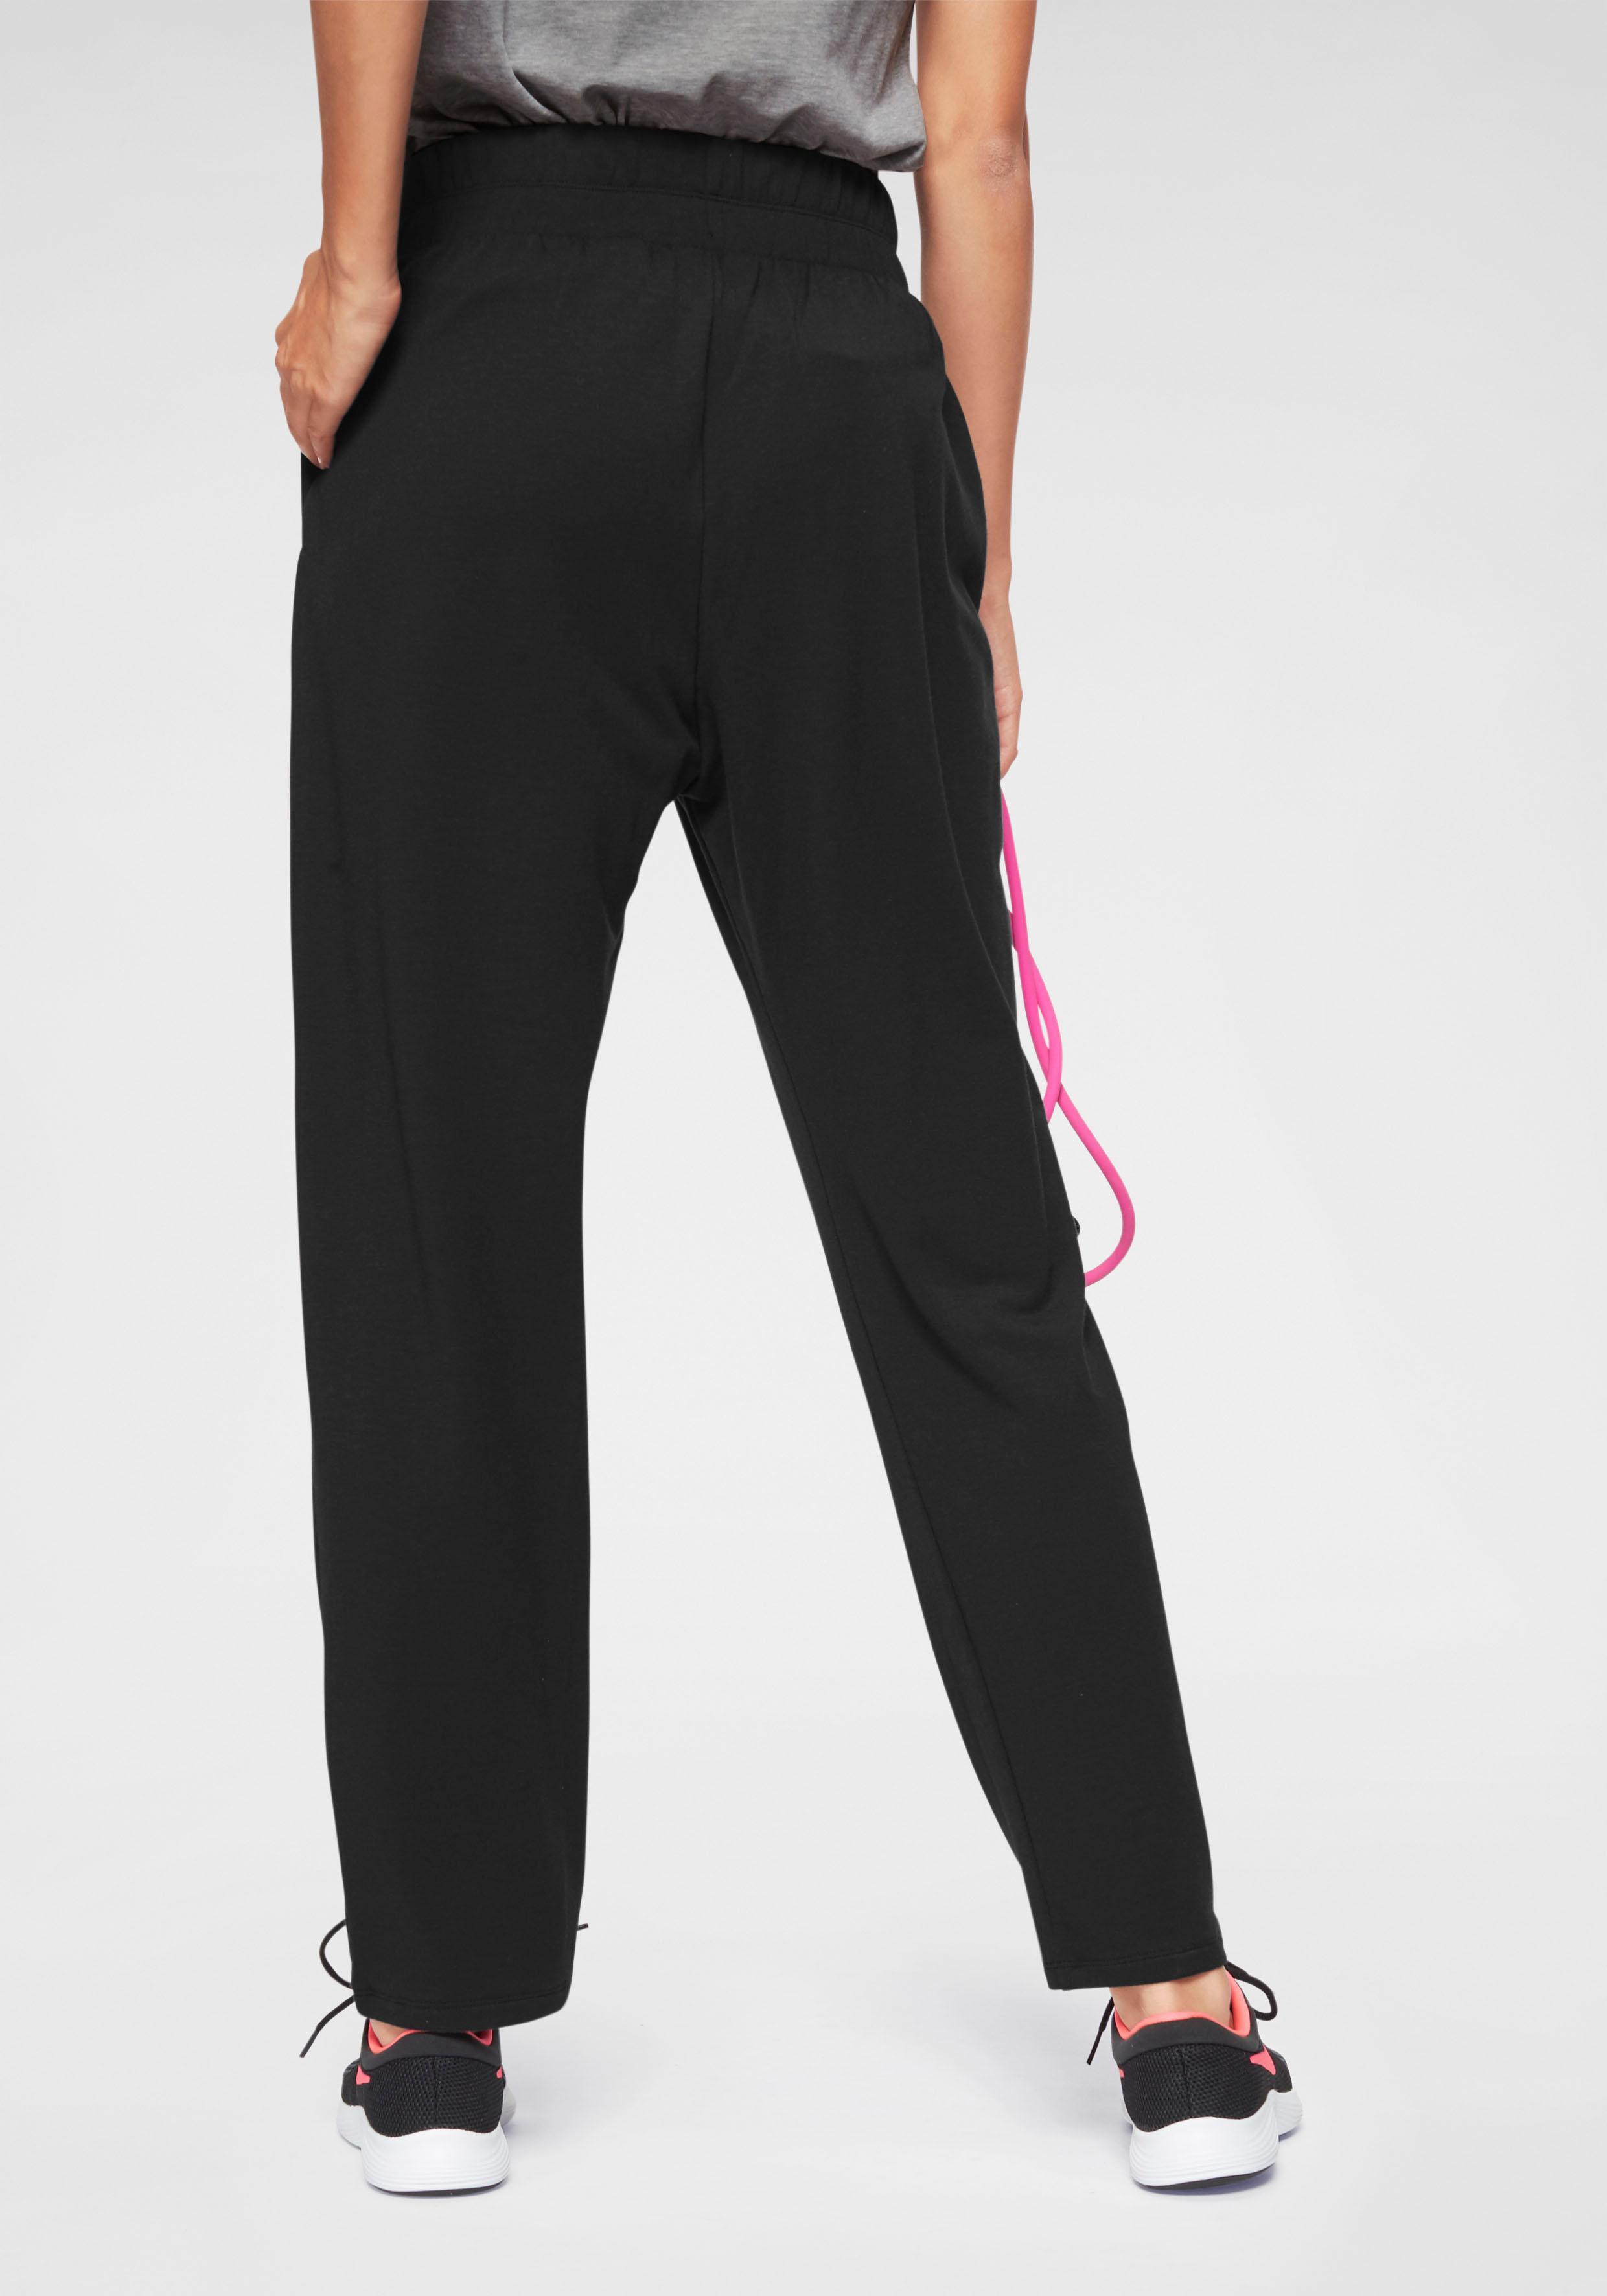 Nike Haremshose/Jodhpur-Hose W NK FLOW VCTRY PANT | Bekleidung > Hosen > Haremshosen | Schwarz | Nike